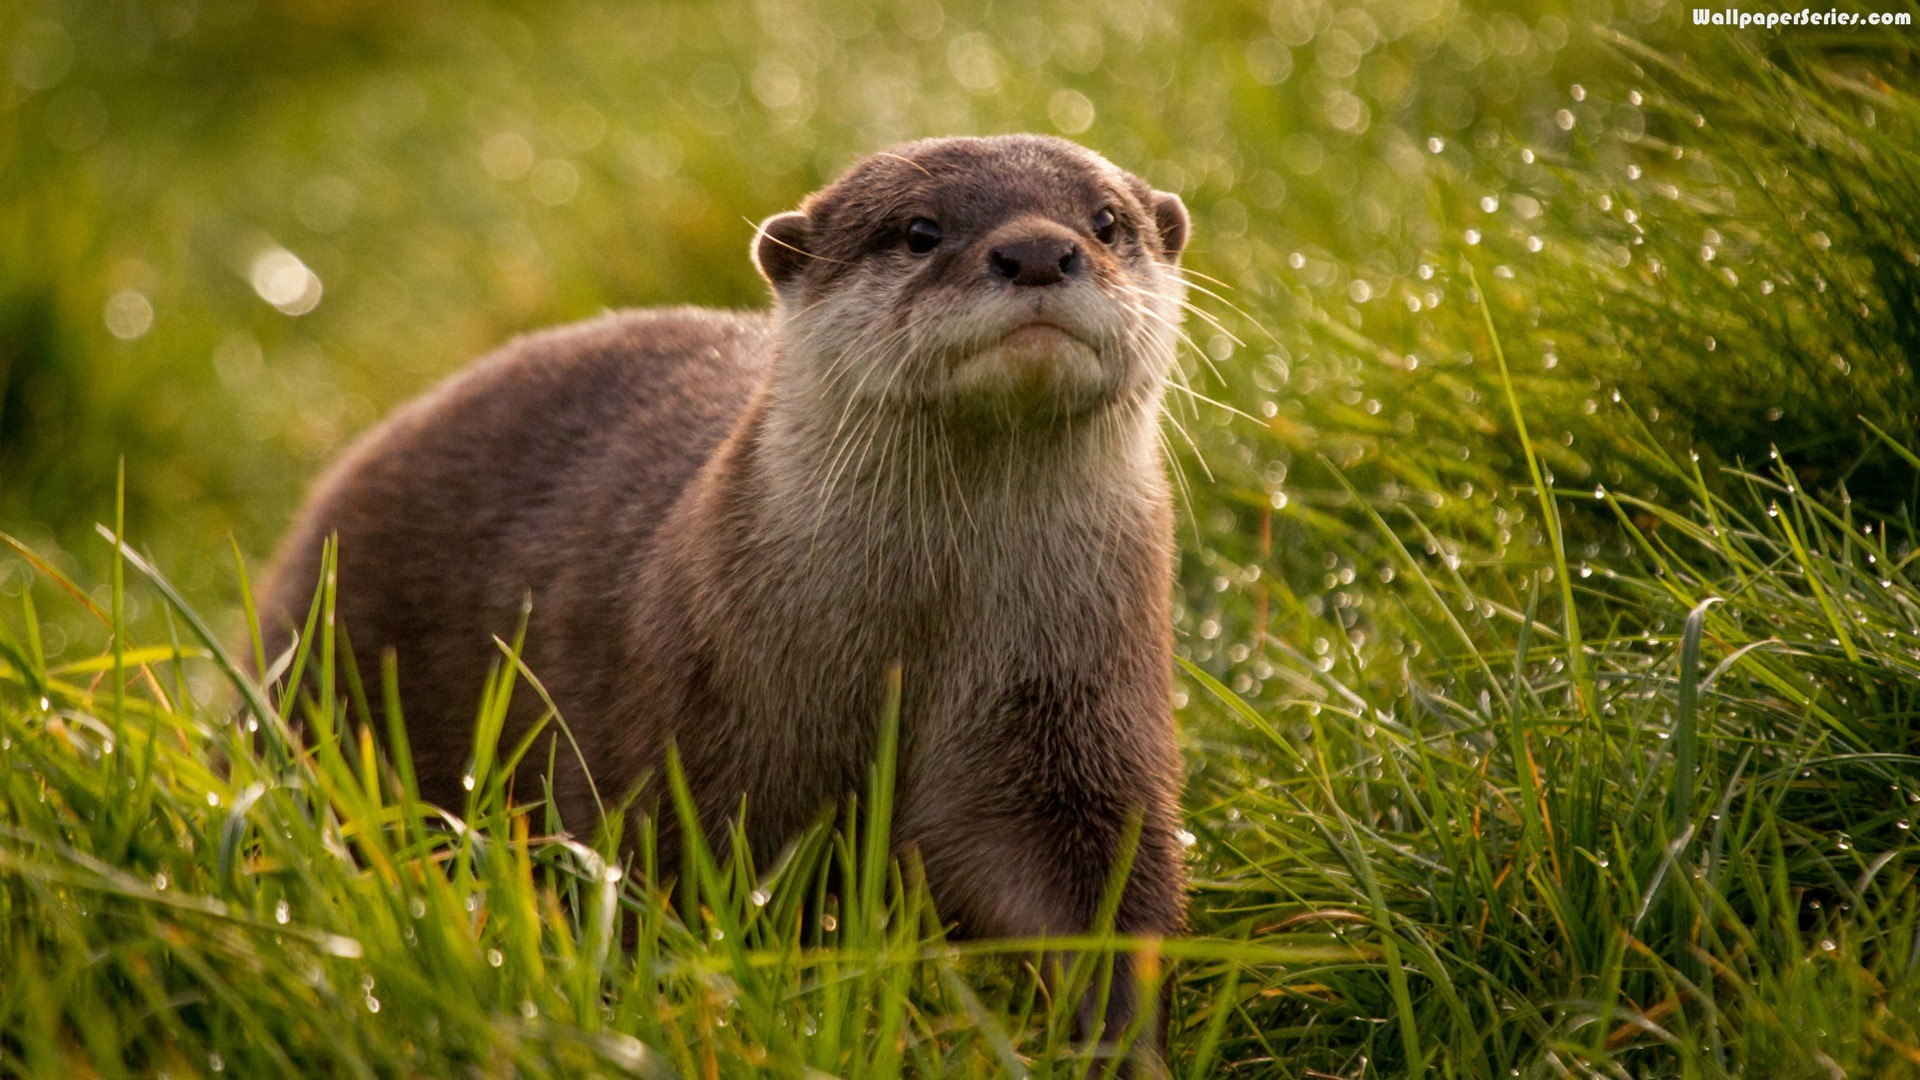 Otter Wallpaper